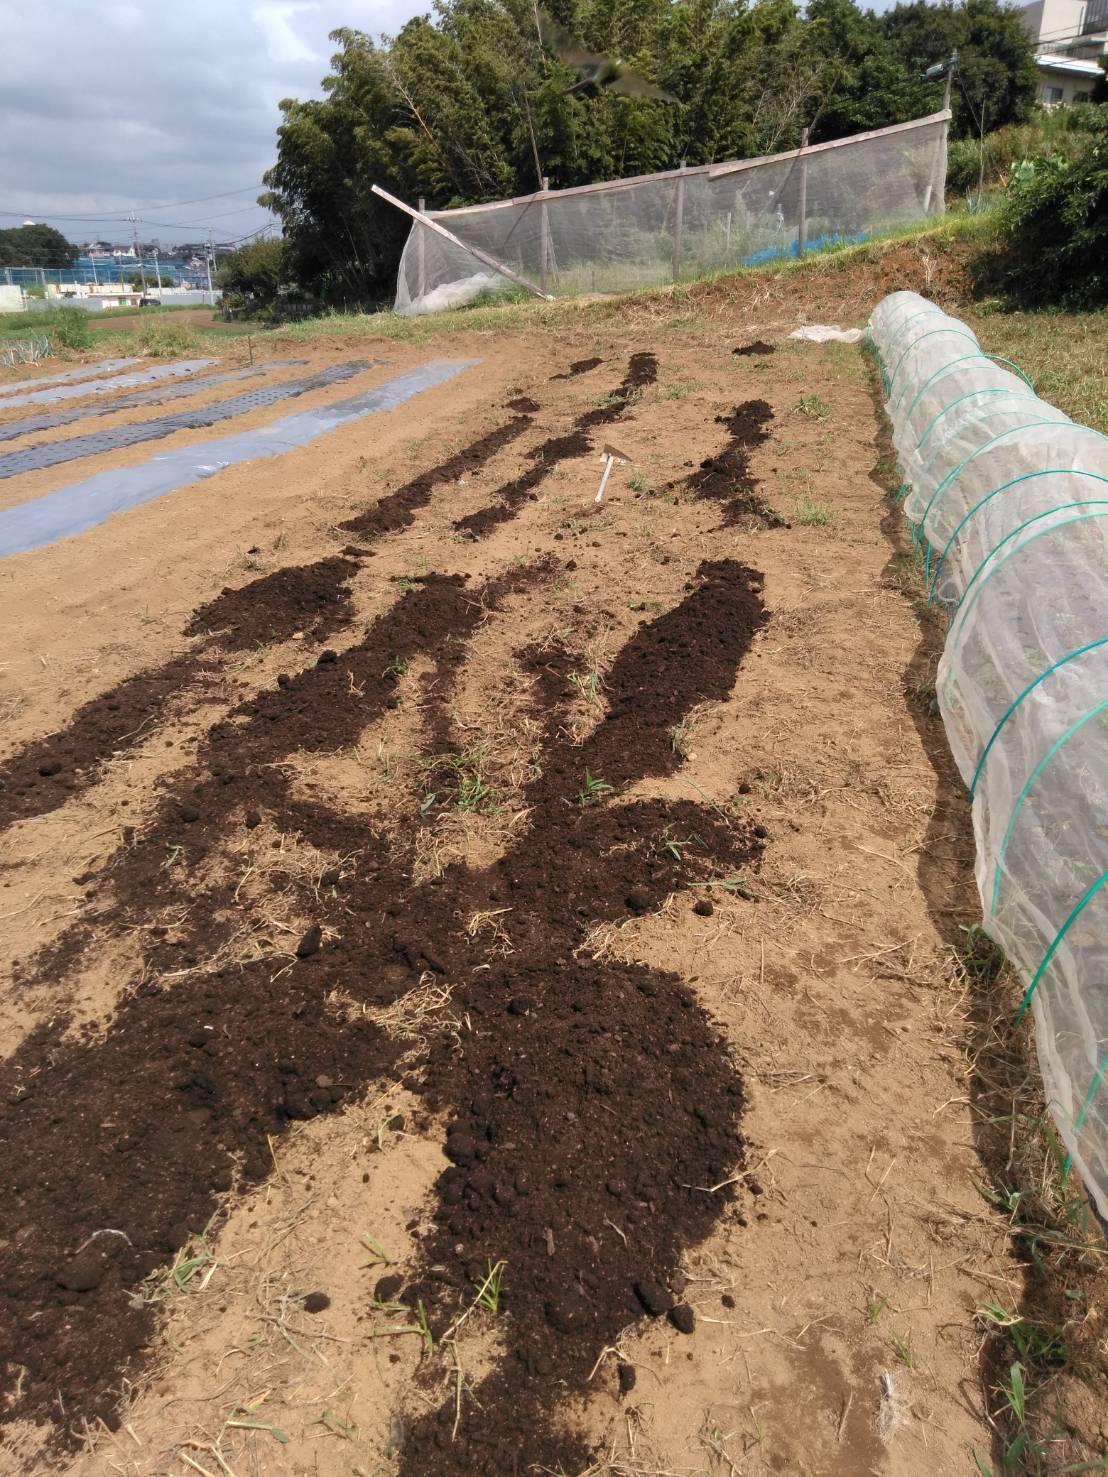 台風15号が来る前に 堆肥の運び入れ 長ねぎの土寄せ・・パラソルやテーブル椅子の養生_c0222448_12490402.jpg